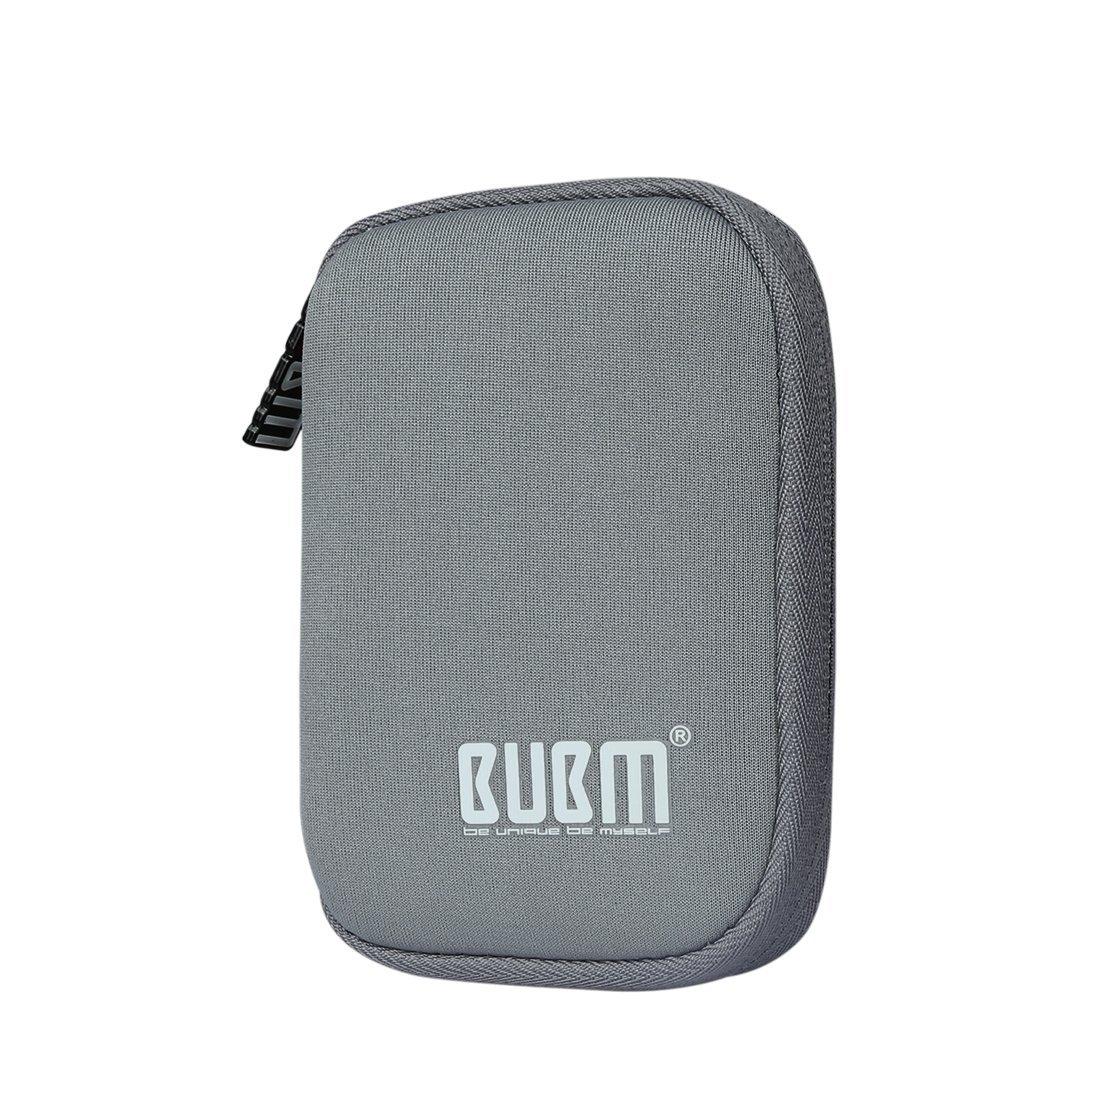 BUBM Estuche Mini para Ordenar USB Funda Suave para Proteger USB Perfectamente, Tamaño adecuerdo para llevar 6 Gomas Elásticas para Ajuestar USB, Gris